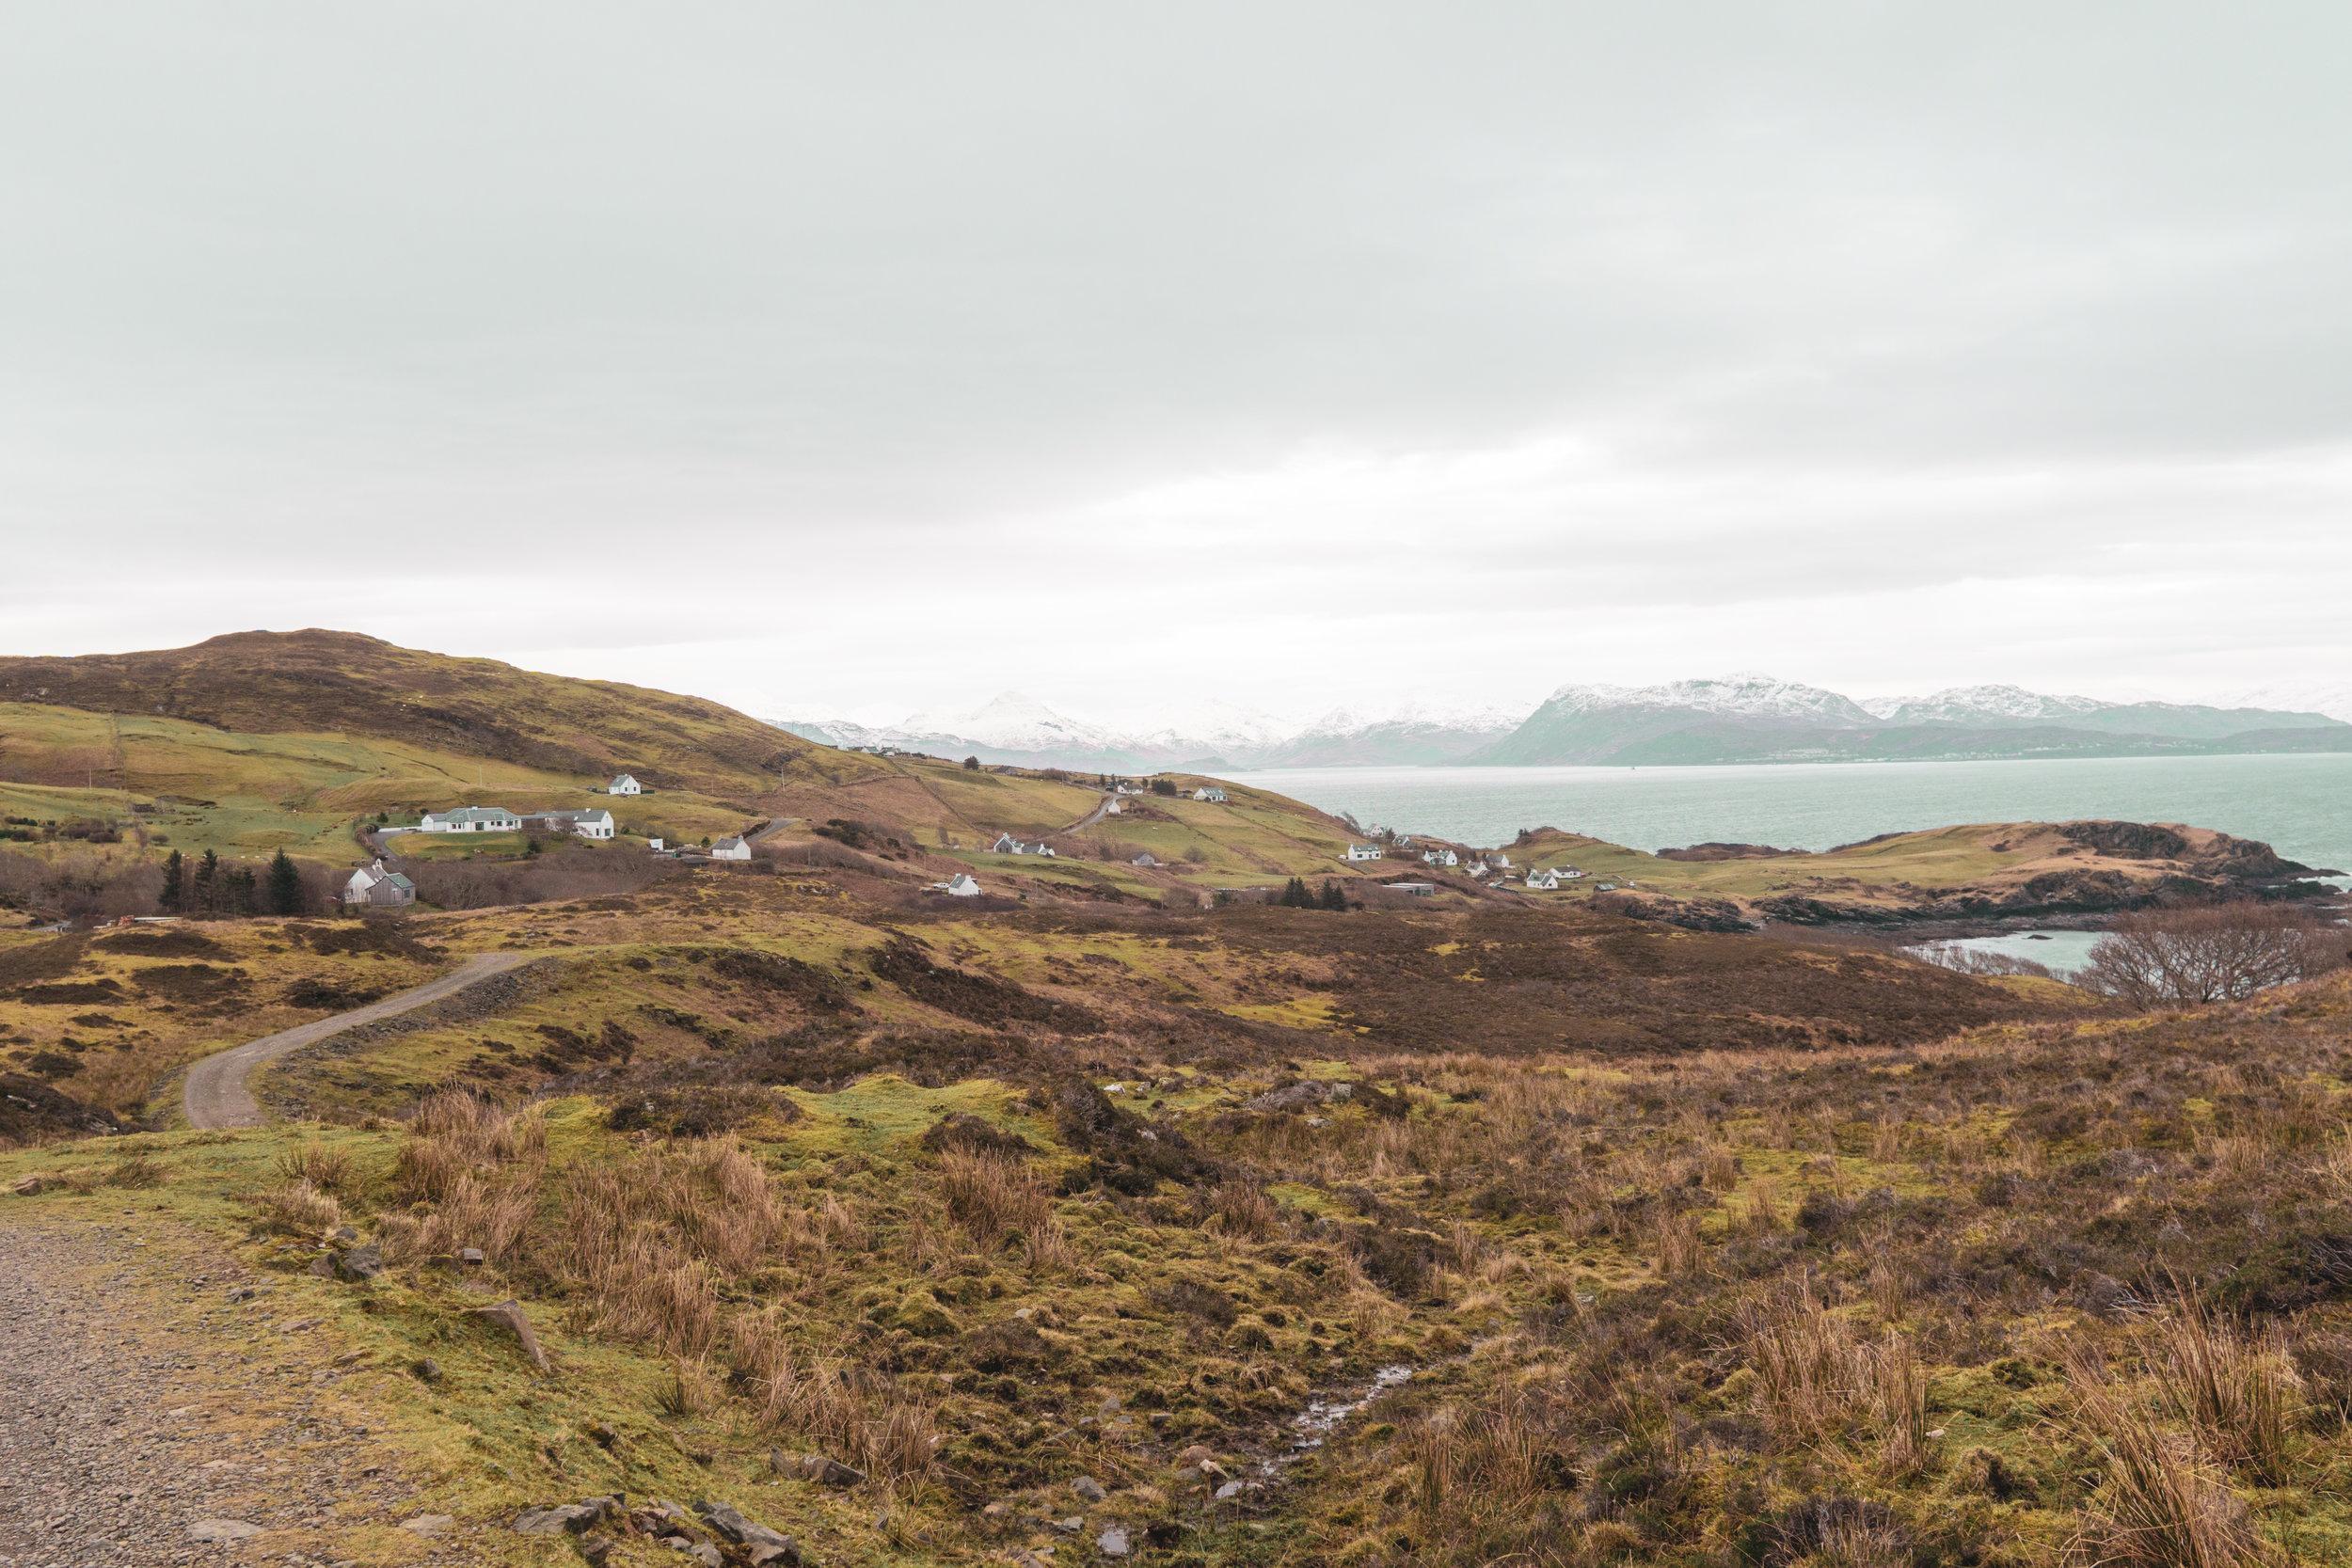 Isle-of-Skye-Point-of-Sleat (1).jpg